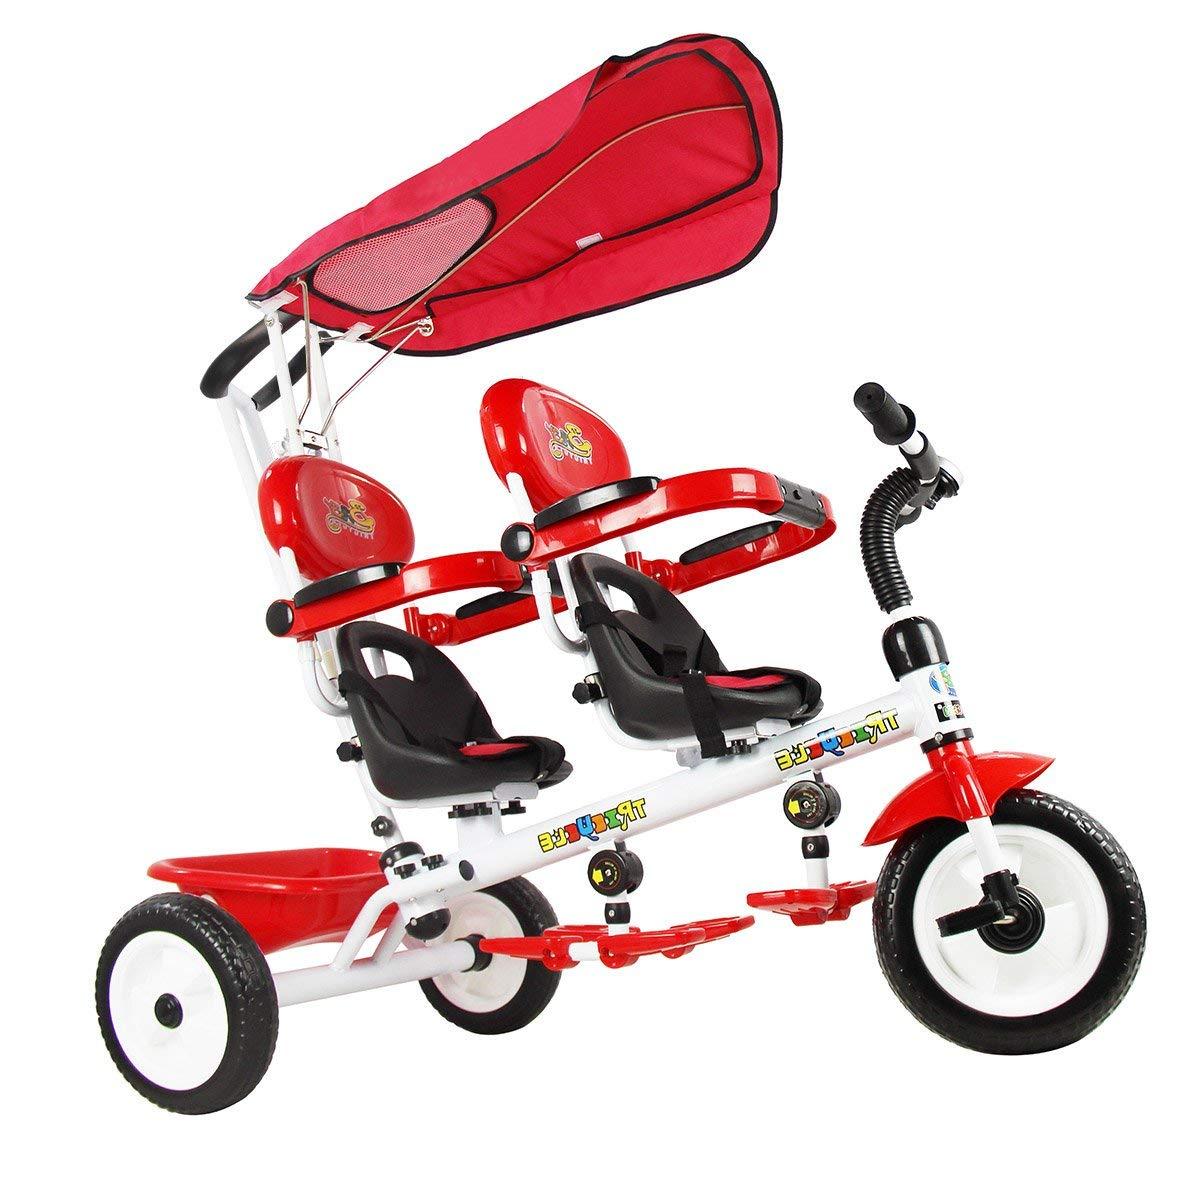 vengaconmigo Triciclo Gemelar para Niños Triciclo Infantil Doble con Sombrilla Triciclo para Gemelos Barandilla y Pedal Plegable Configurados (Rojo)